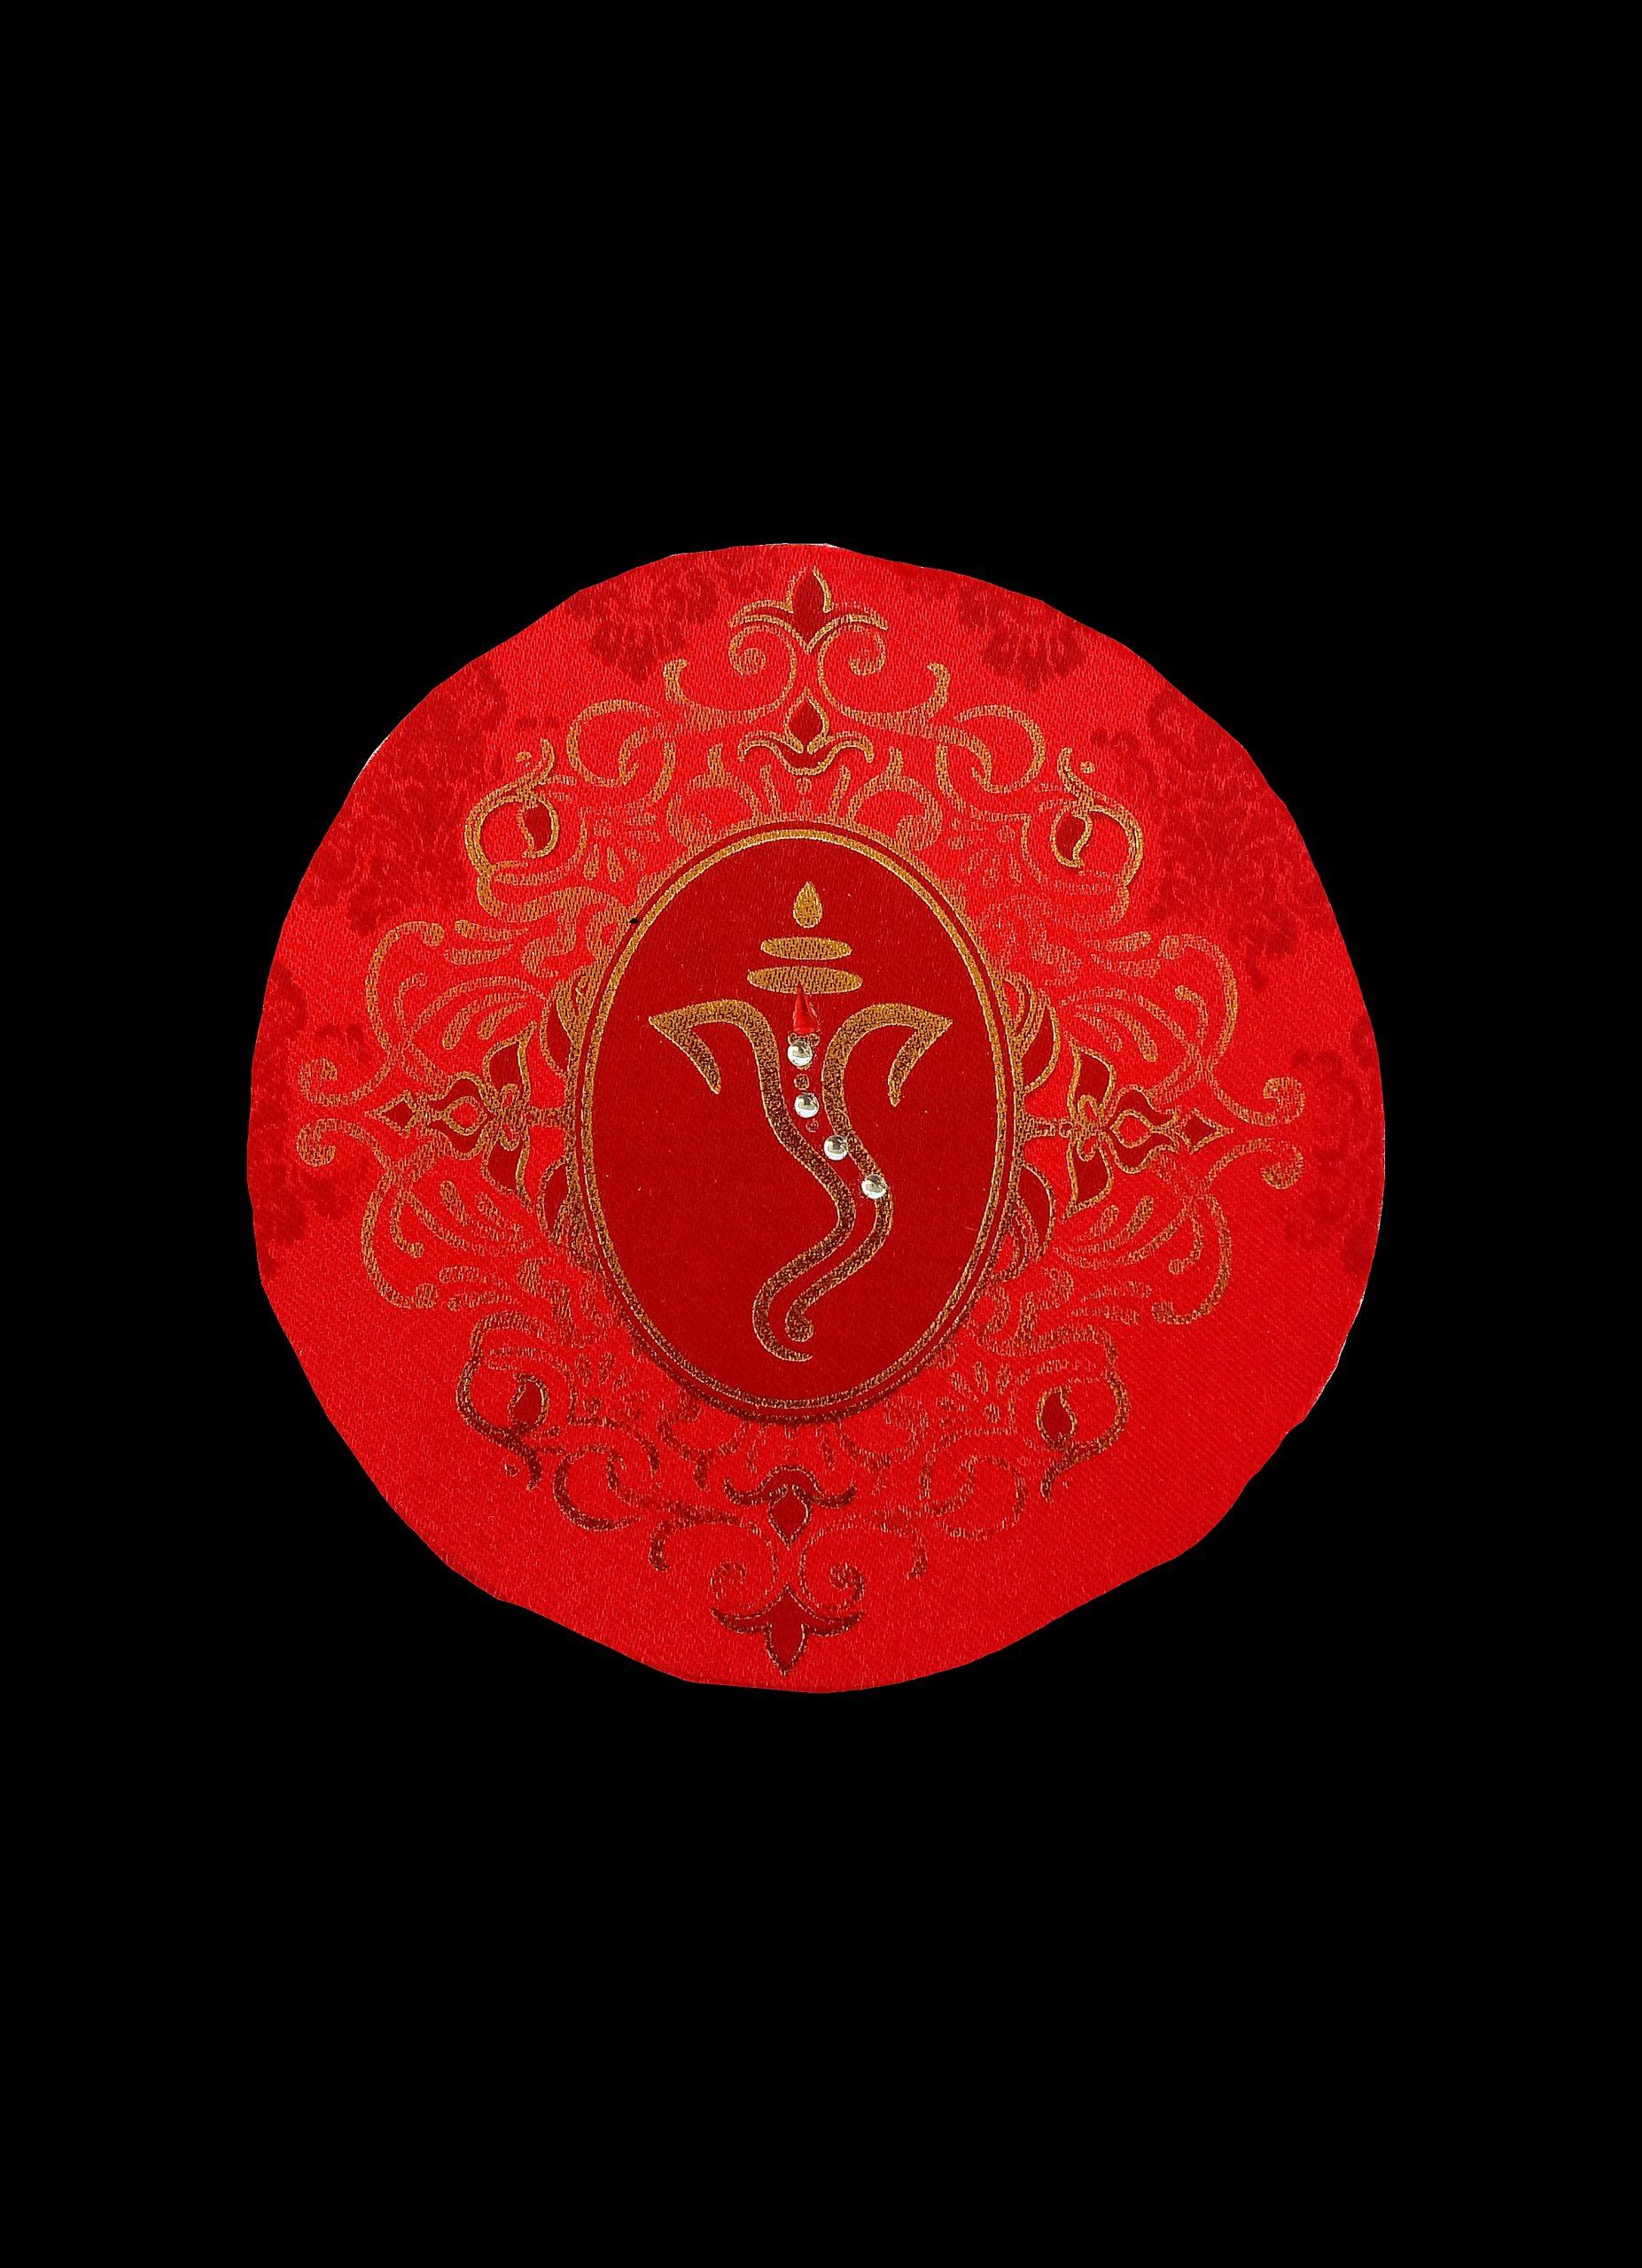 Ganesha on a red cloth